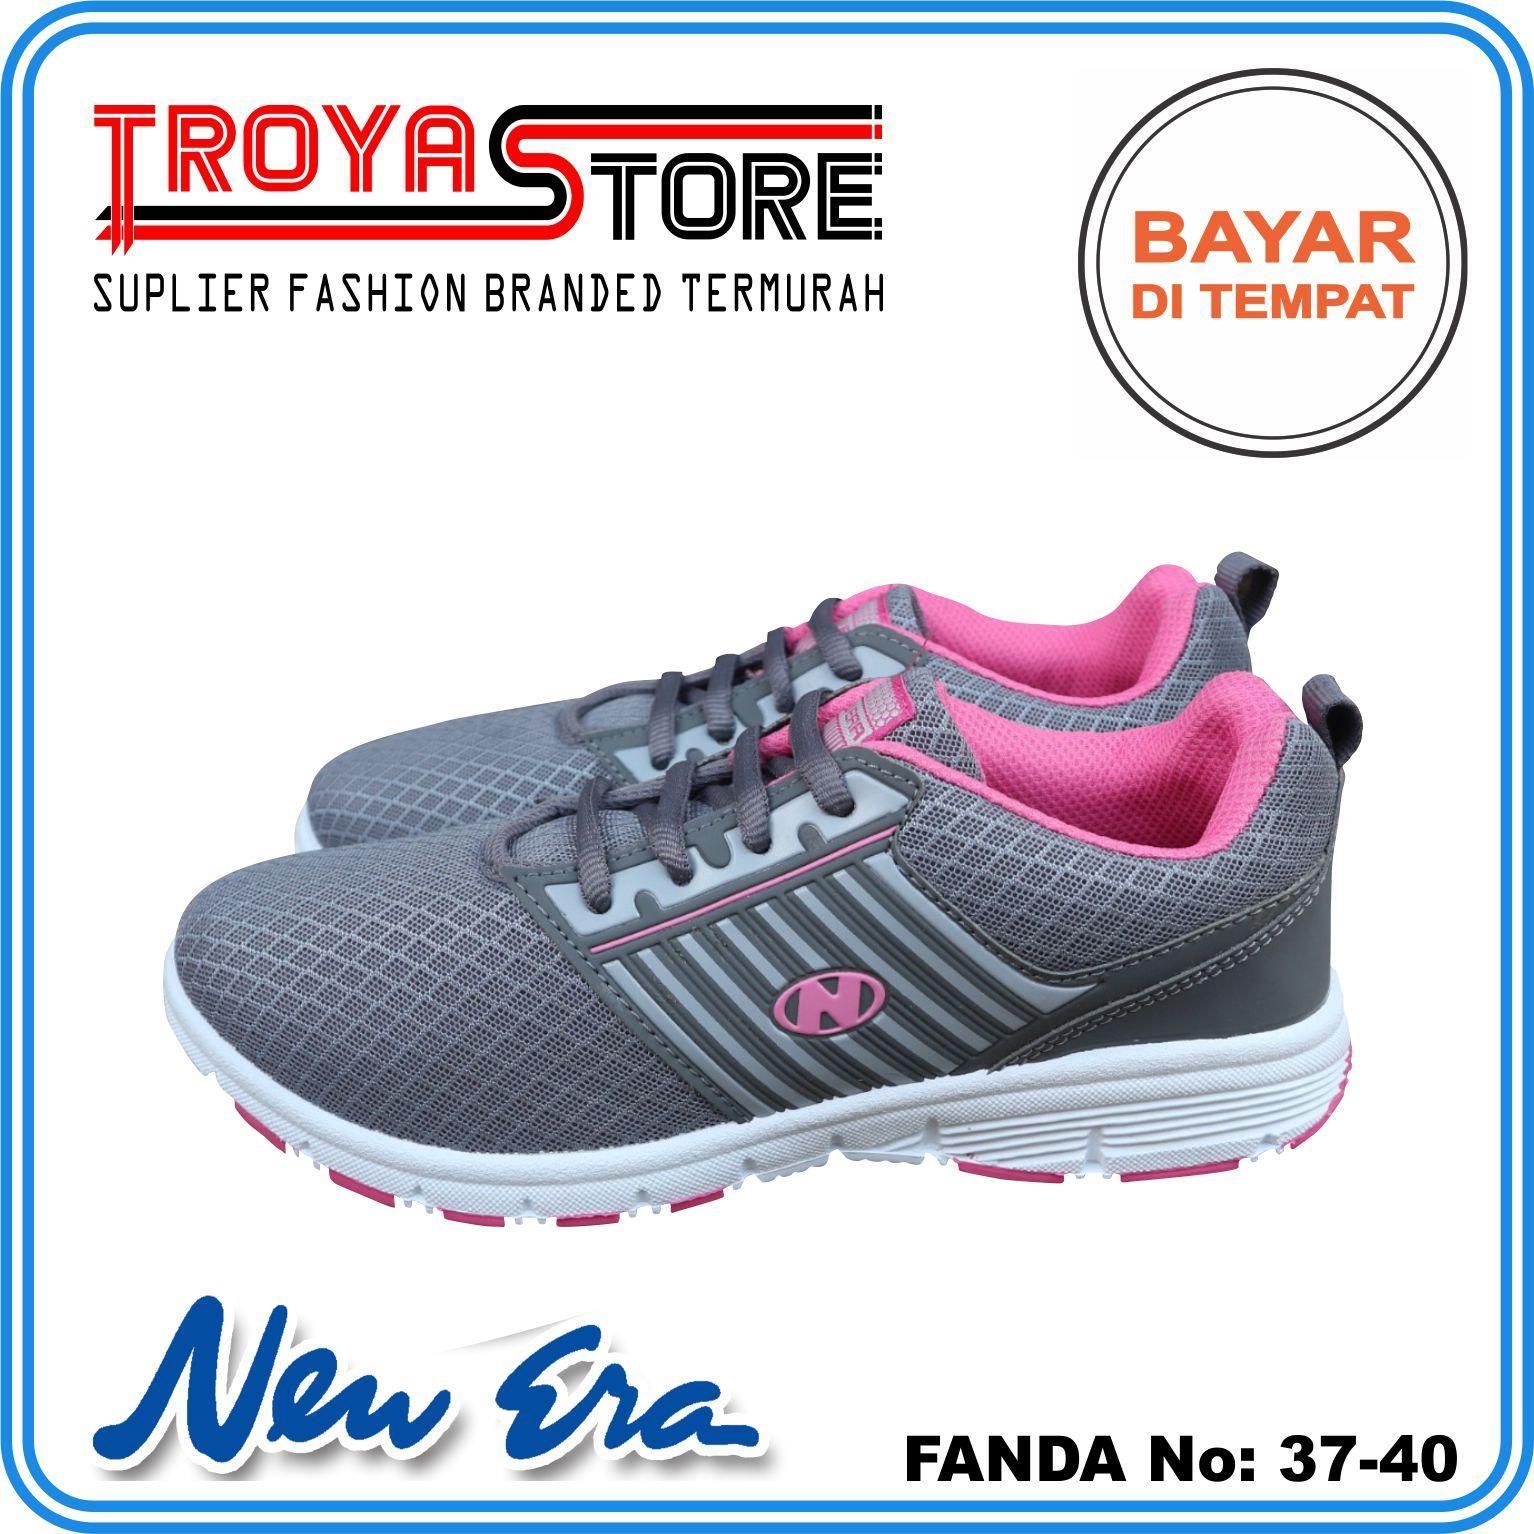 TROYASTORE - NEW ERA Sepatu Wanita Murah FANDA Original   Sepatu Sport  Wanita Abu Hijau Merah 2503881b21